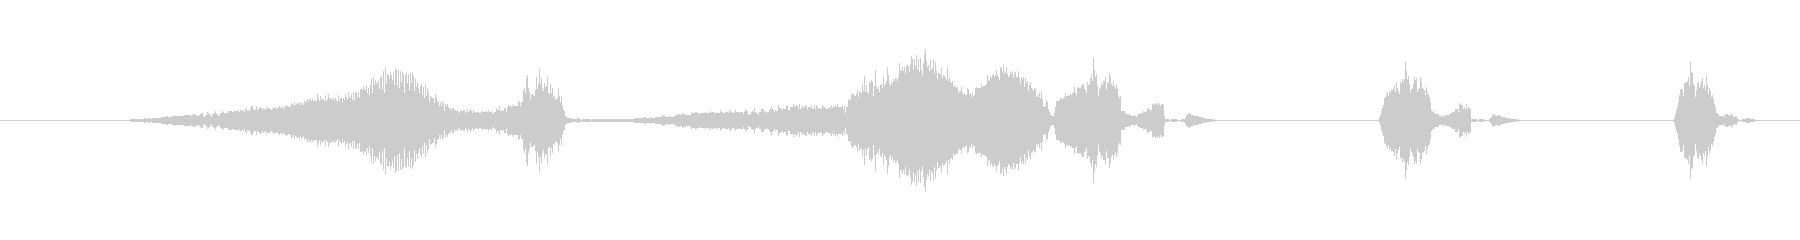 特撮 グリッチを確認01の未再生の波形